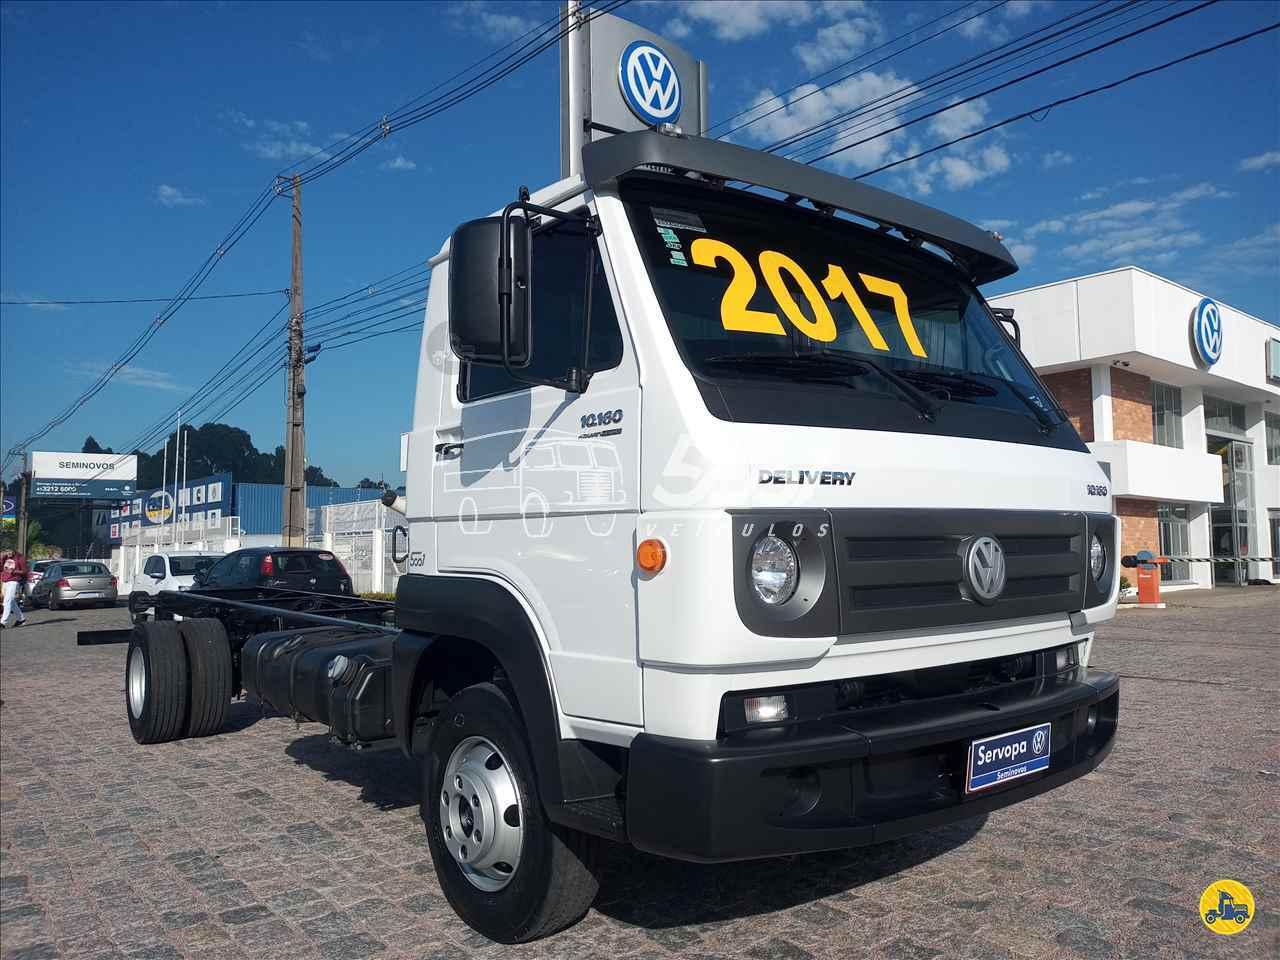 CAMINHAO VOLKSWAGEN VW 10160 Chassis 3/4 4x2 5001 Veículos - Curitiba CURITIBA PARANÁ PR